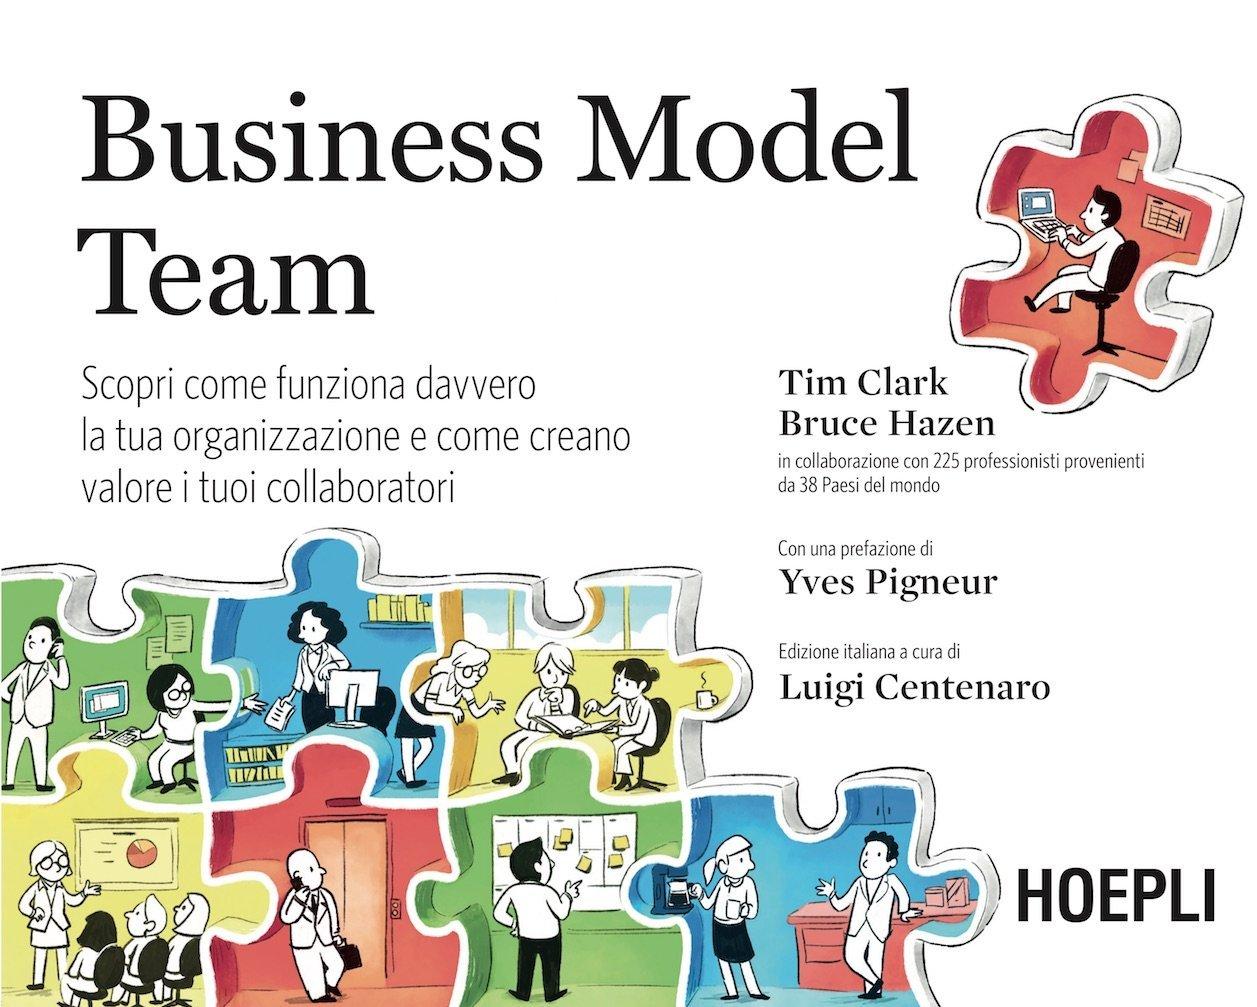 Business Model Team di Tim clark e Bruce Hazen, Hoepli, a cura di Luigi Centenaro e con la prefazione di Gian Paolo Montali